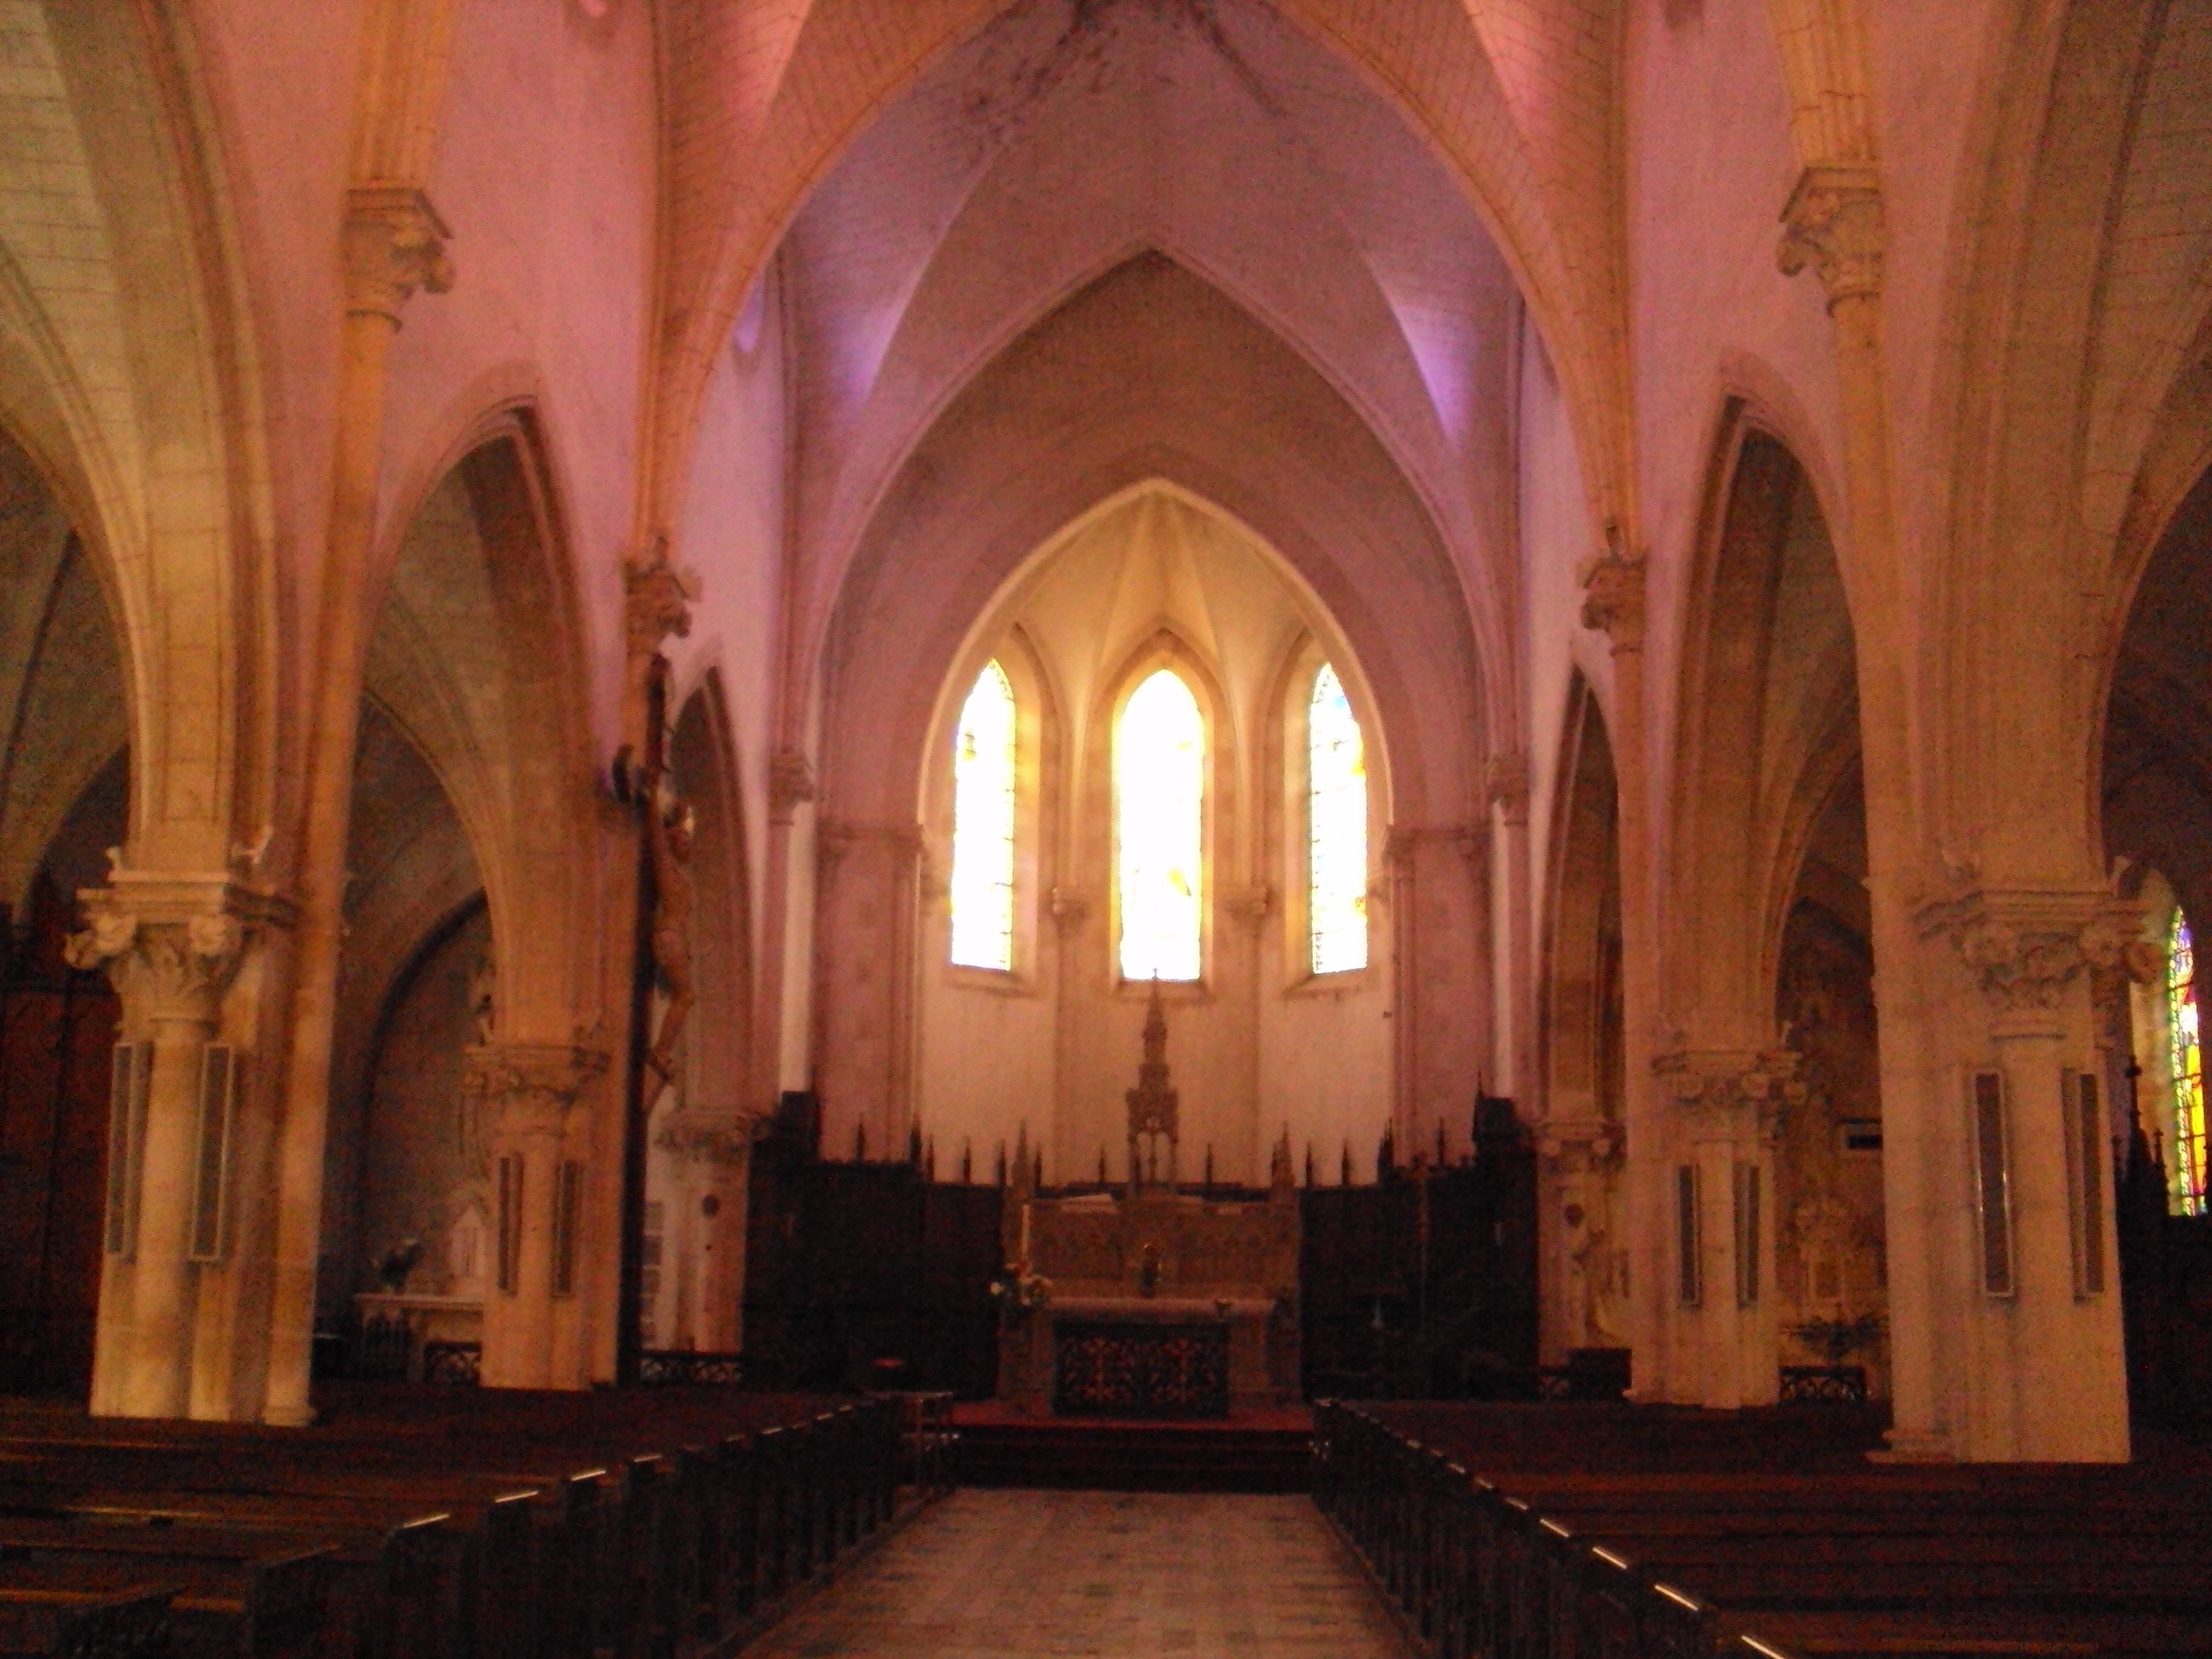 eglise-sainte-marie-madeleine-chaille-les-marais-85-pcu-2